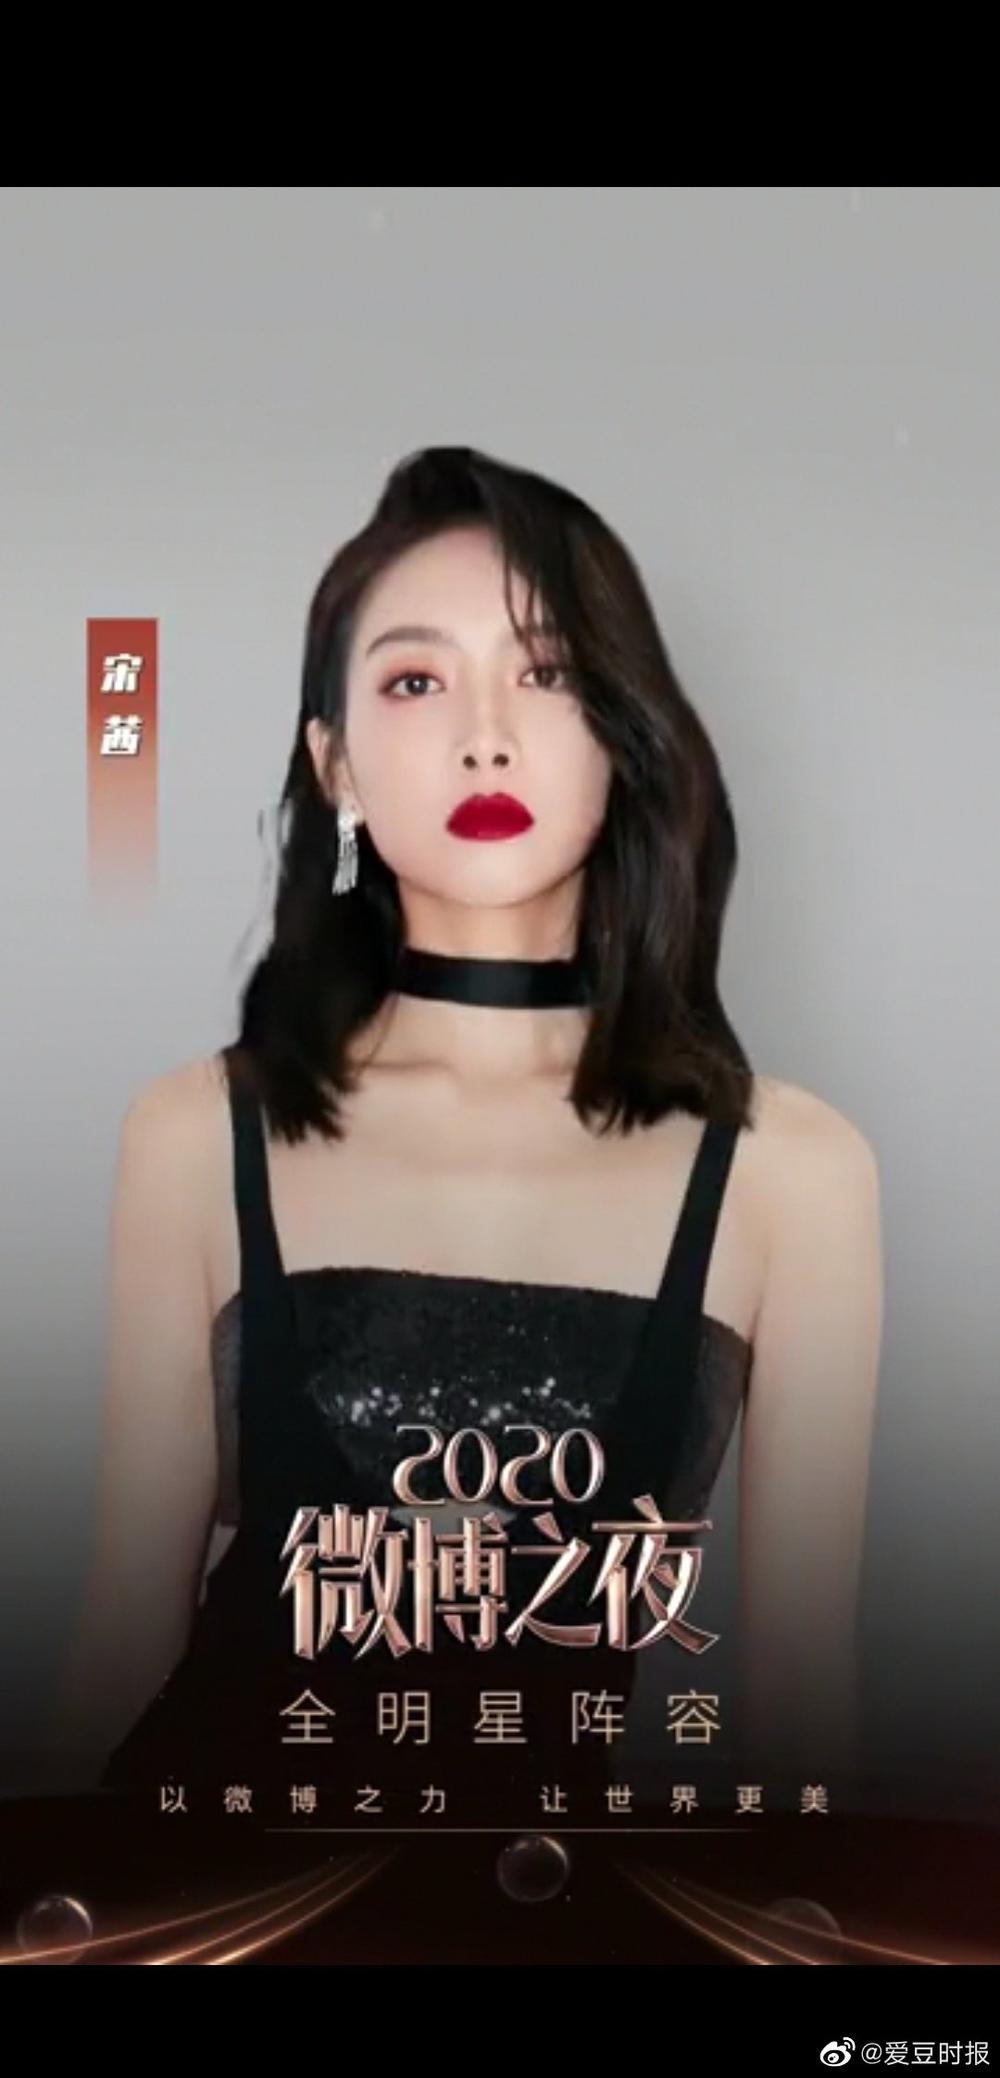 Dương Tử gây ấn tượng còn Tiêu Chiến bị lãng quên dù là King của 'Đêm hội Weibo 2020'? Ảnh 9